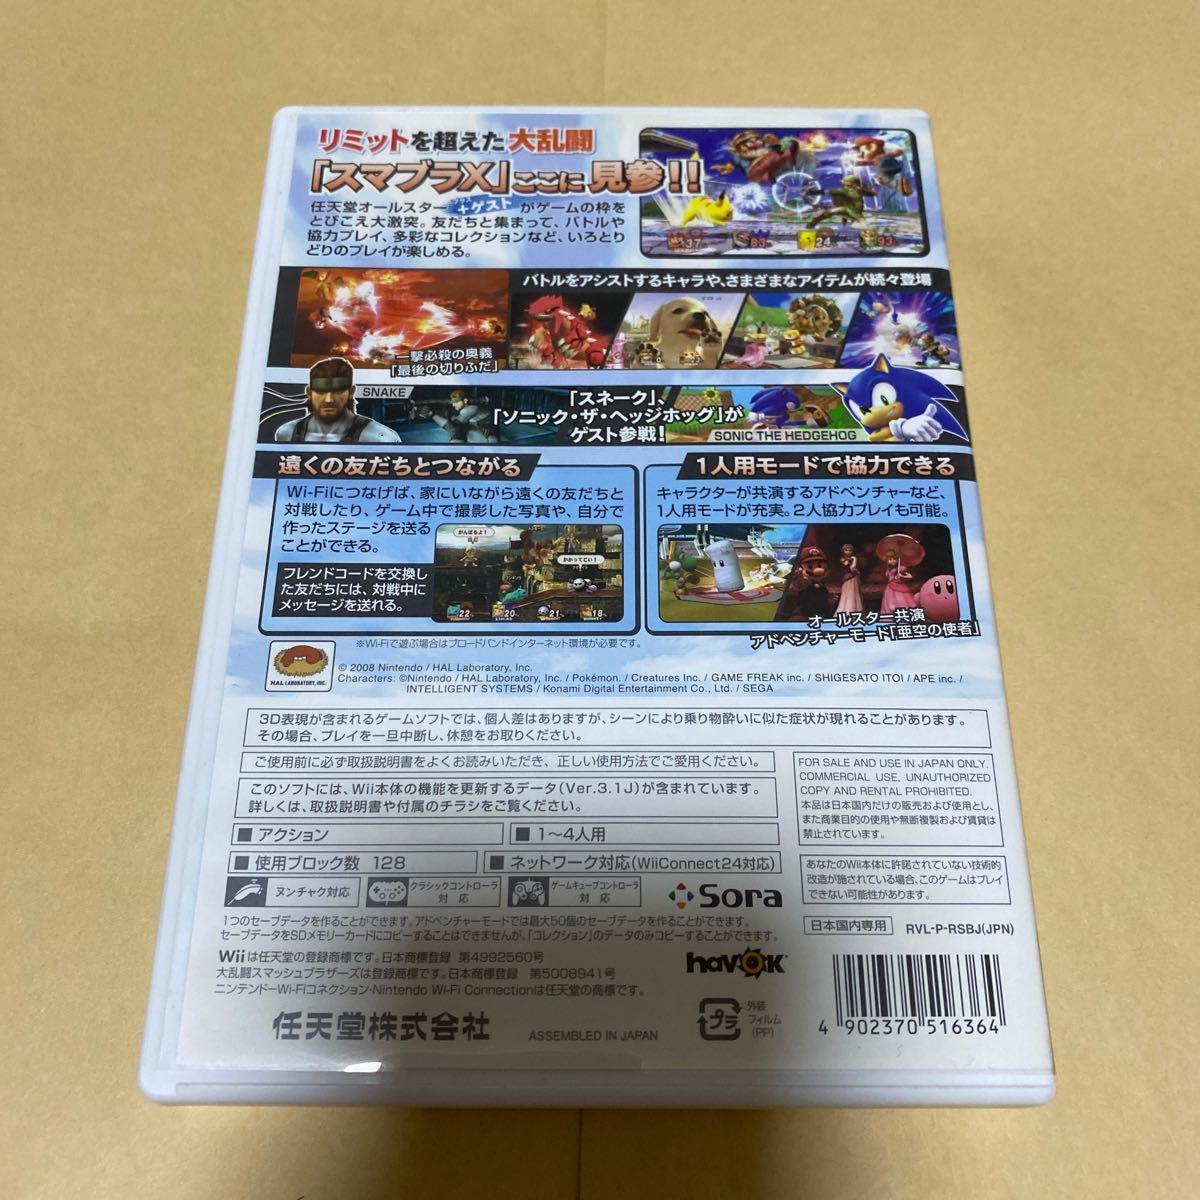 大乱闘スマッシュブラザーズXとマリオカートWii